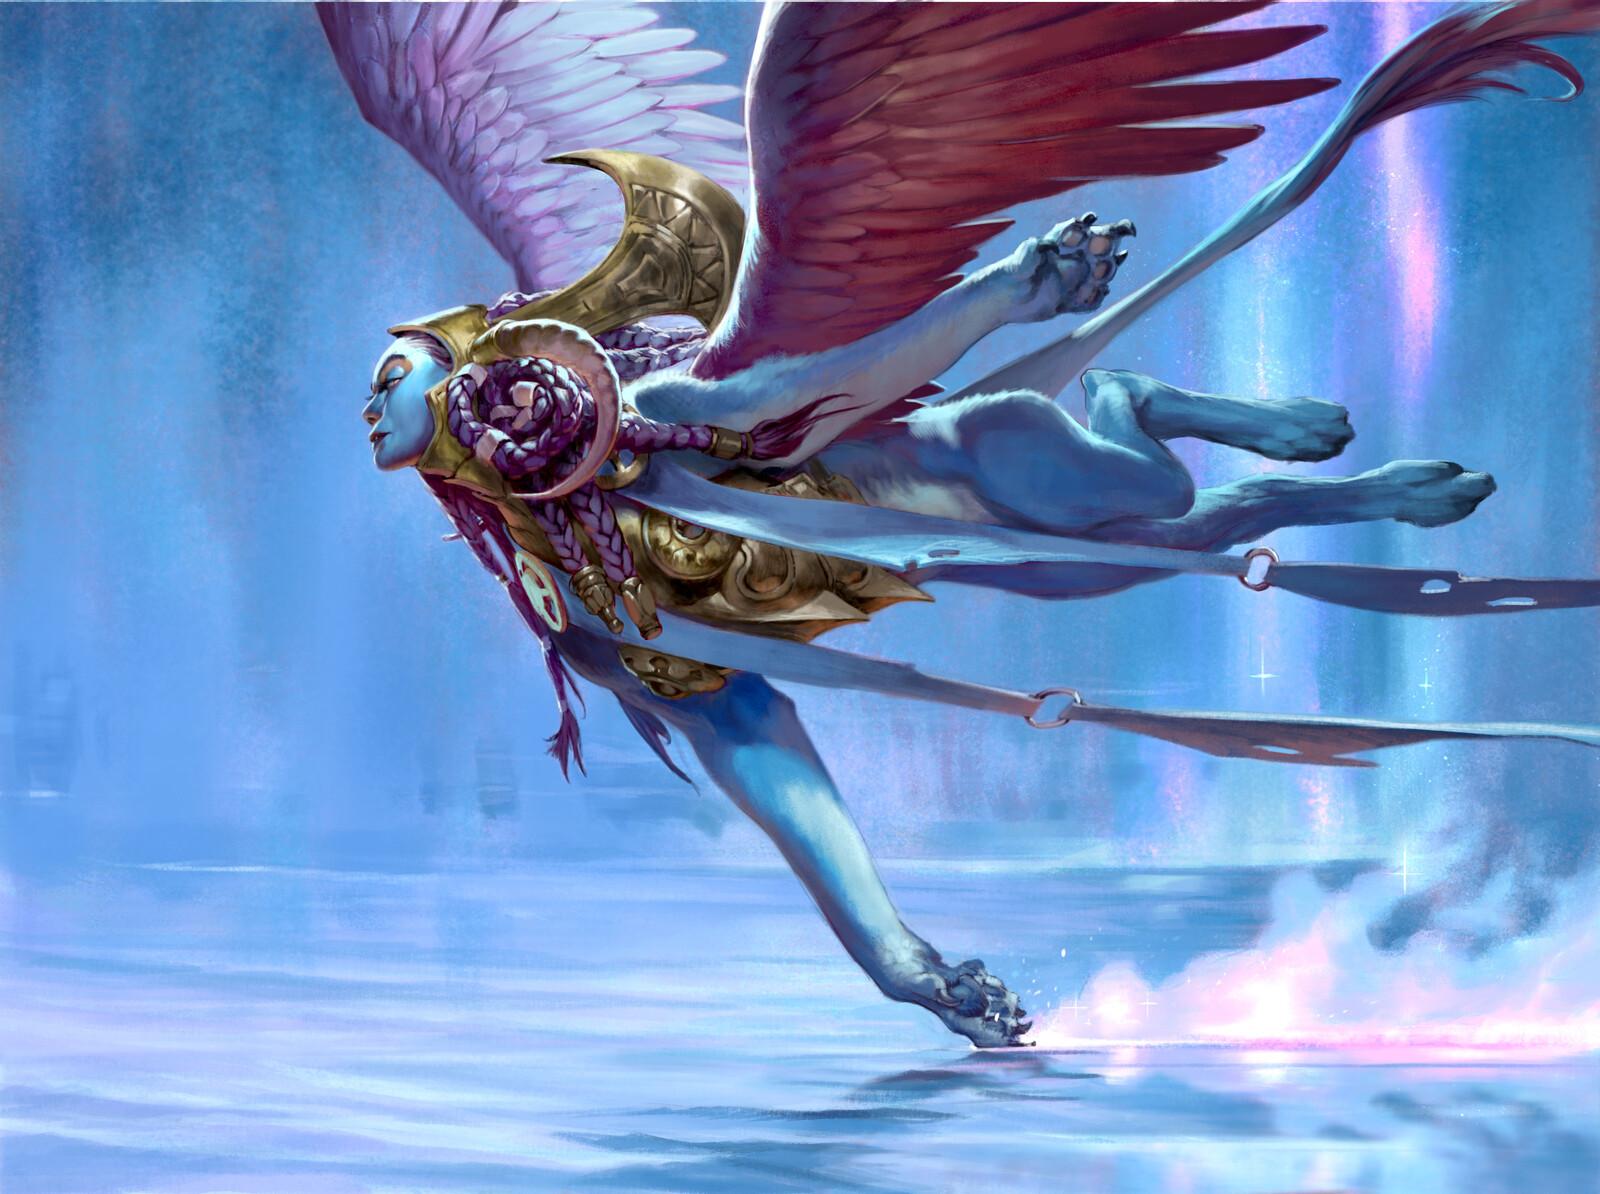 jesper-ejsing-art-id-408778-sphinx-of-lost-wisdom-final